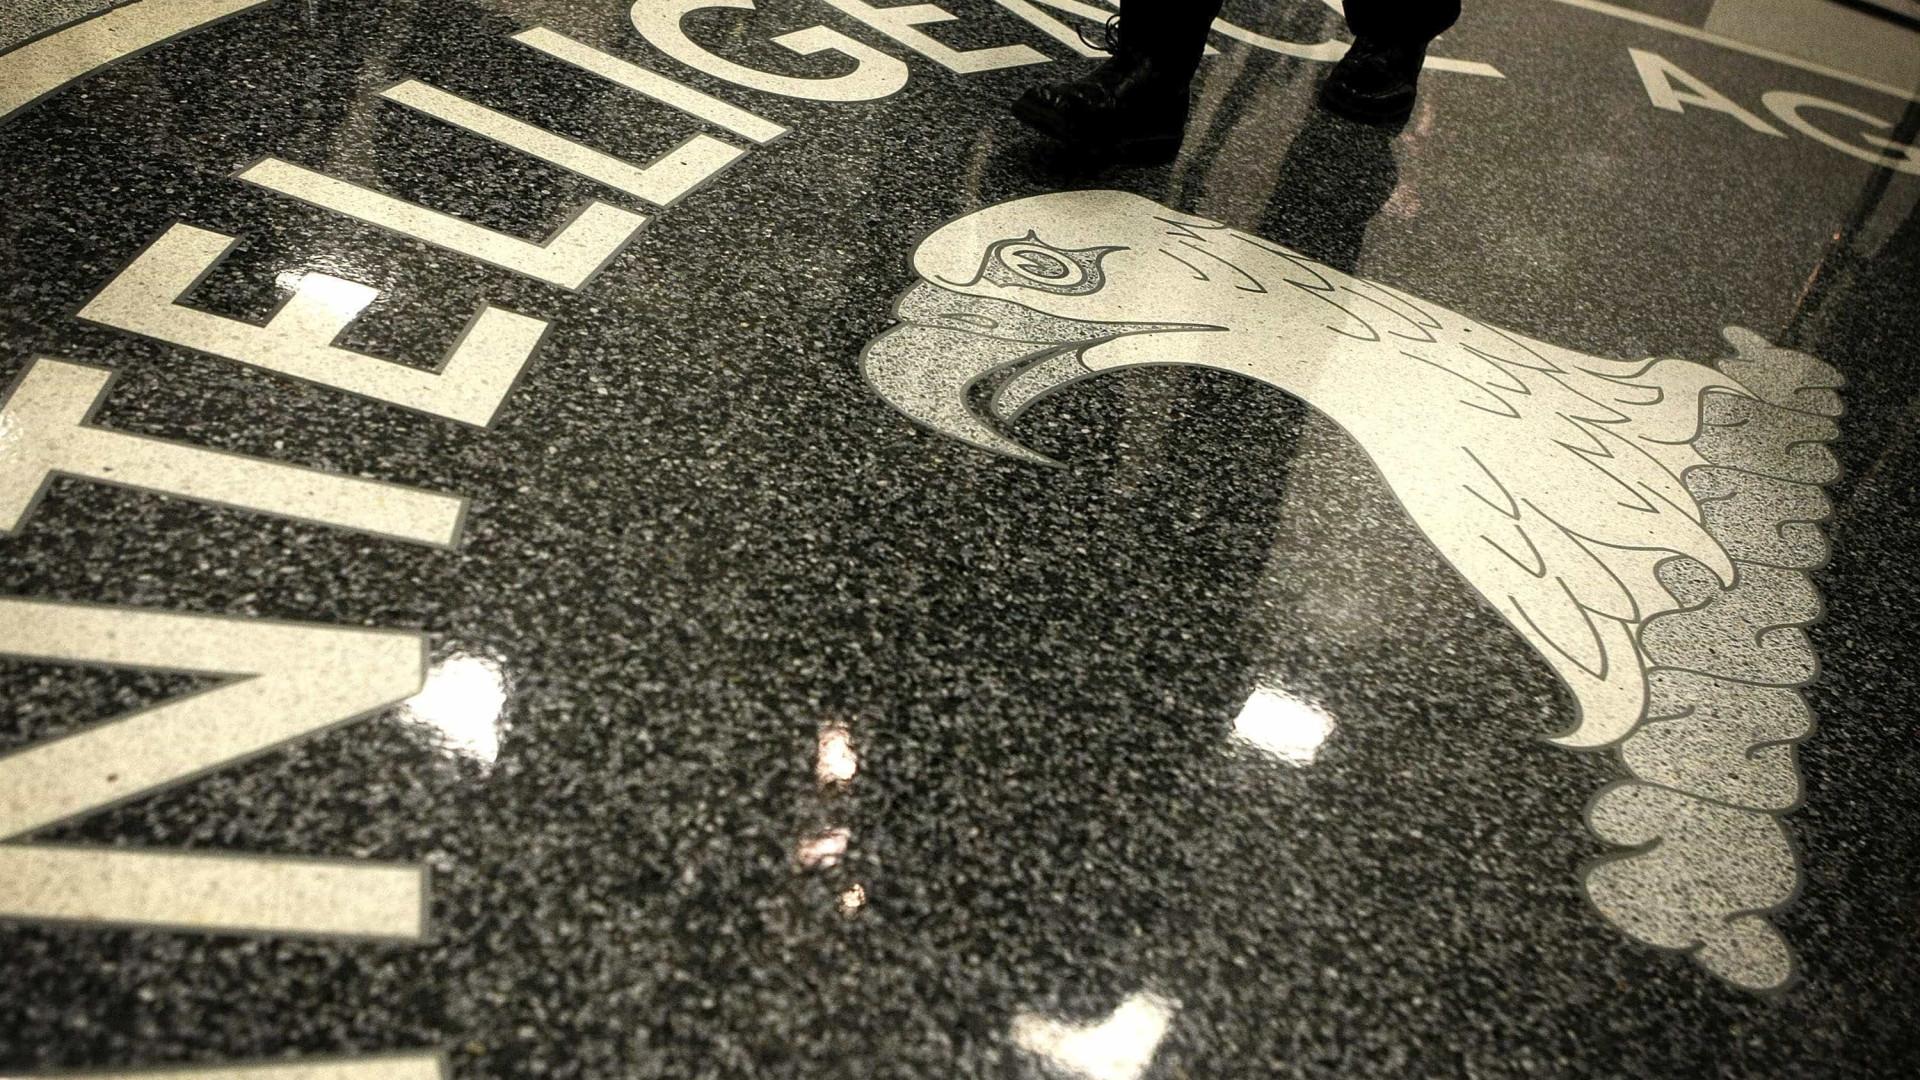 Comissão do Senado aprova Gina Haspel para nova diretora da CIA